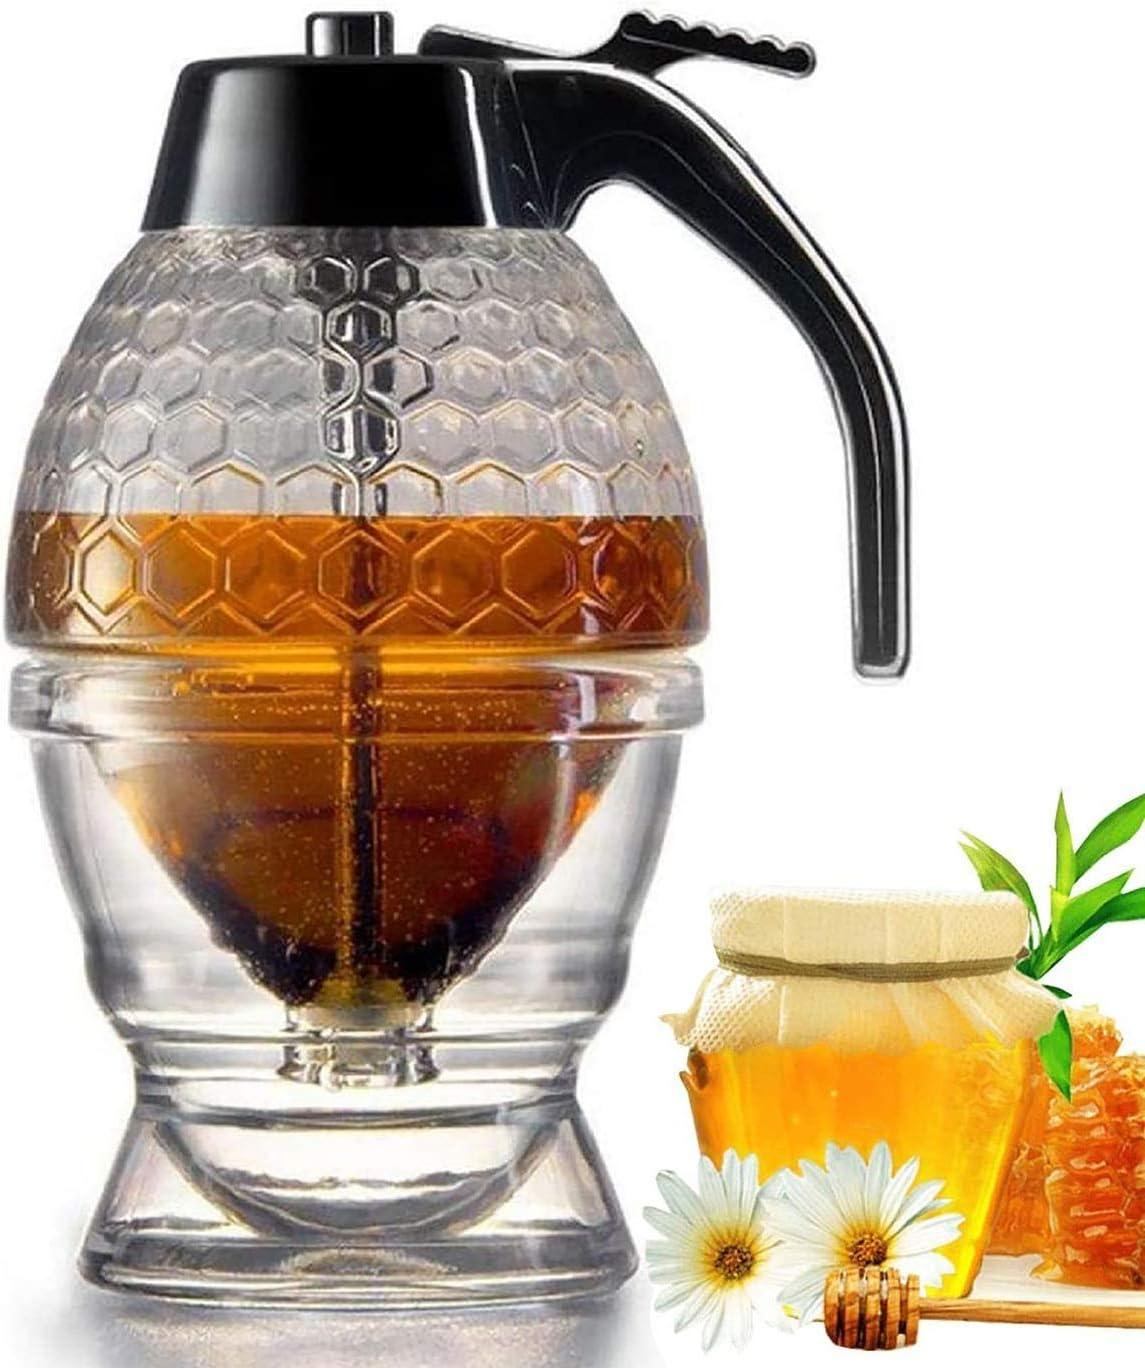 Beautiful Glass Honey Pot Goandwell Honey Dispenser No Drip Glass Syrup Dispenser Glass Handmade Glass Honey Jar with Stand